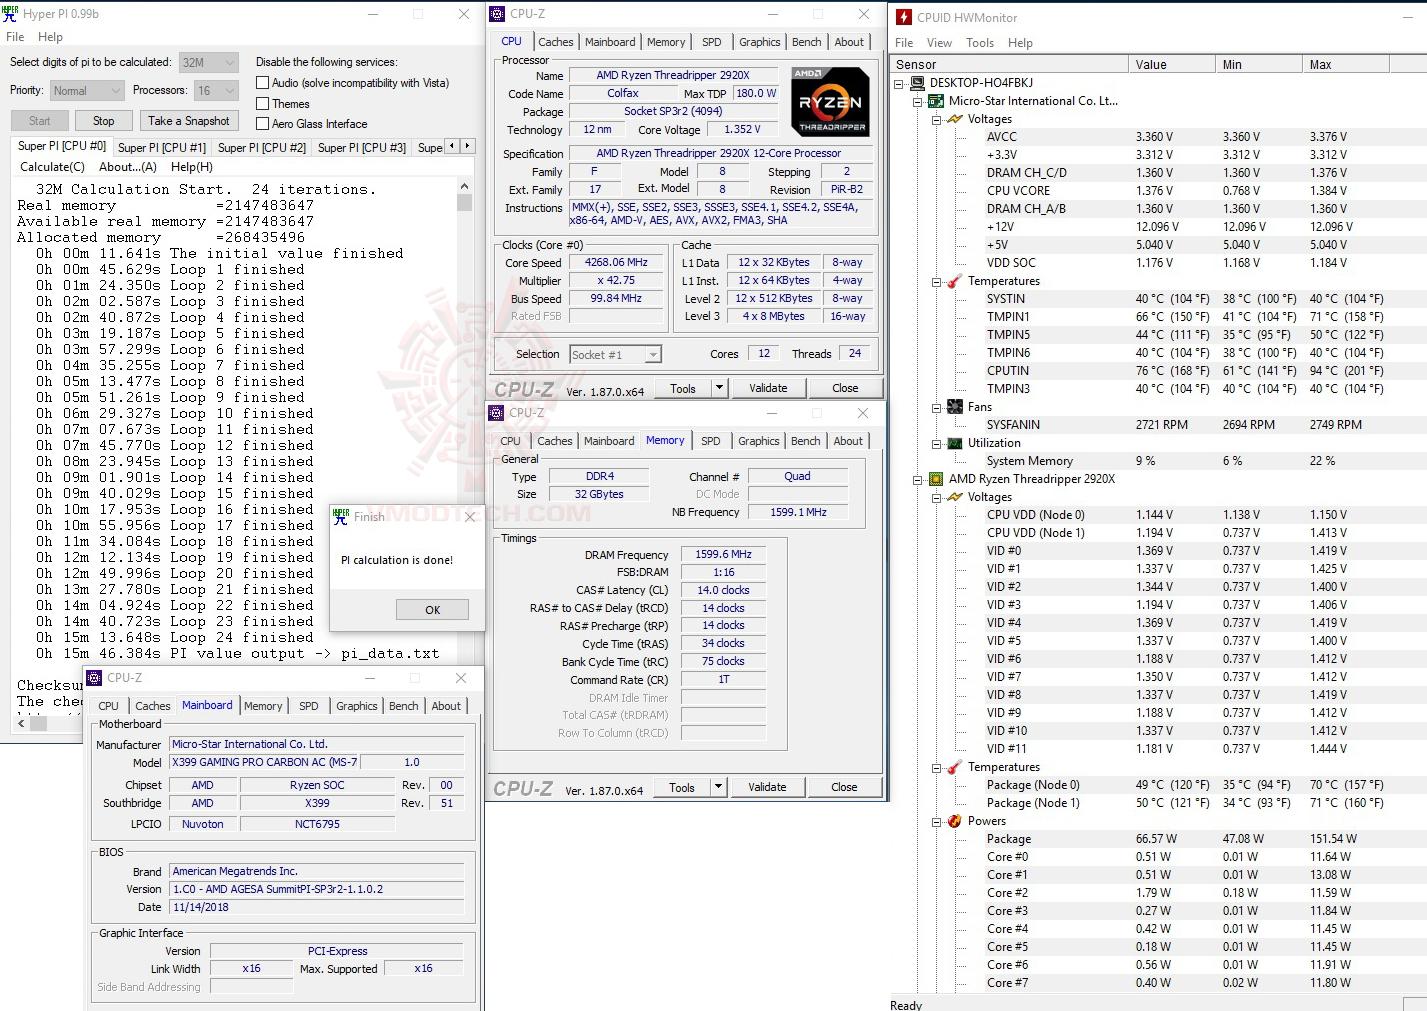 h32 2 AMD RYZEN THREADRIPPER 2920X PROCESSOR REVIEW